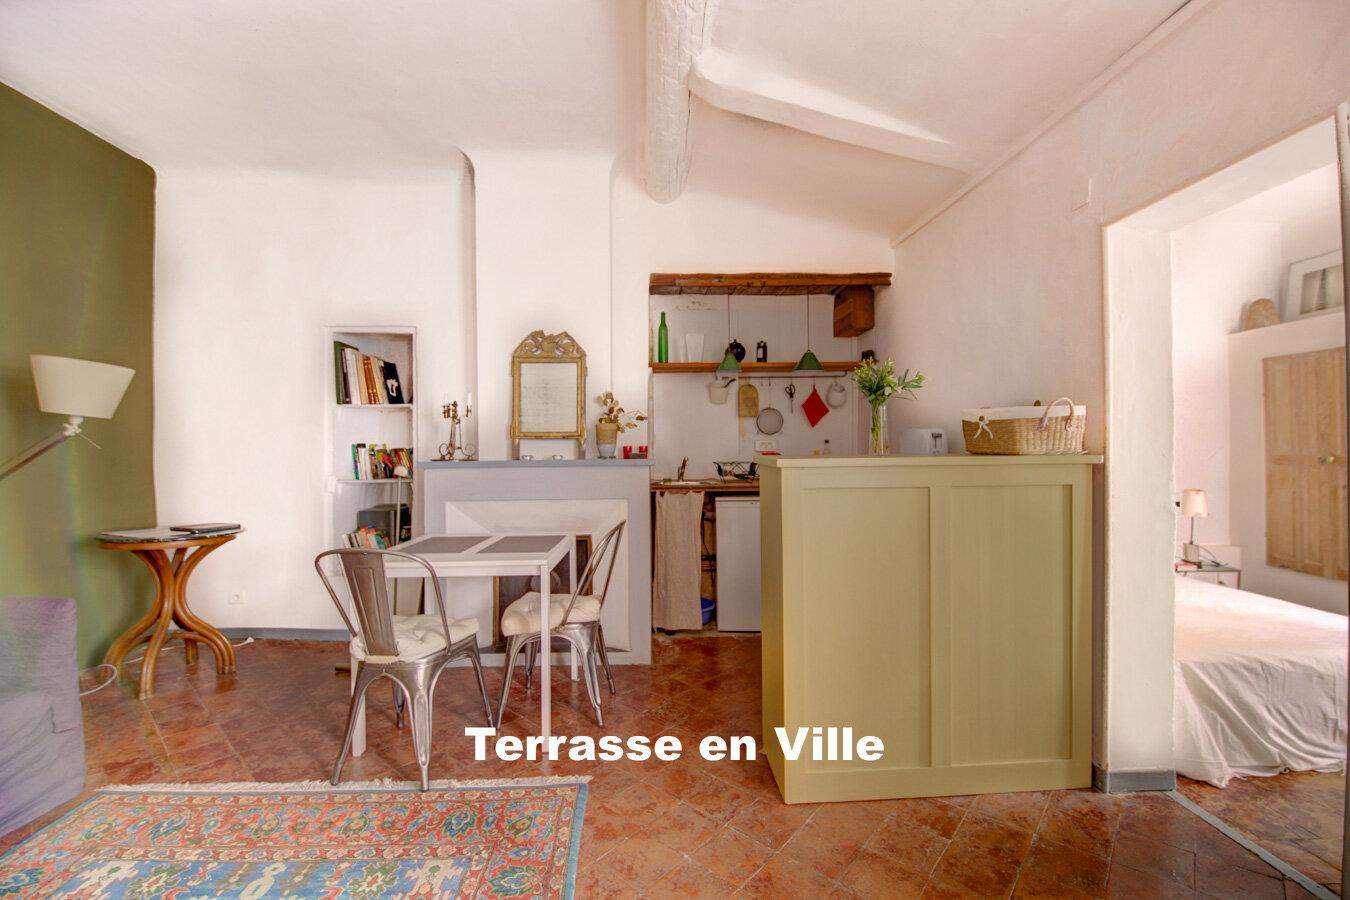 TERRASSE EN VILLE-19.jpg